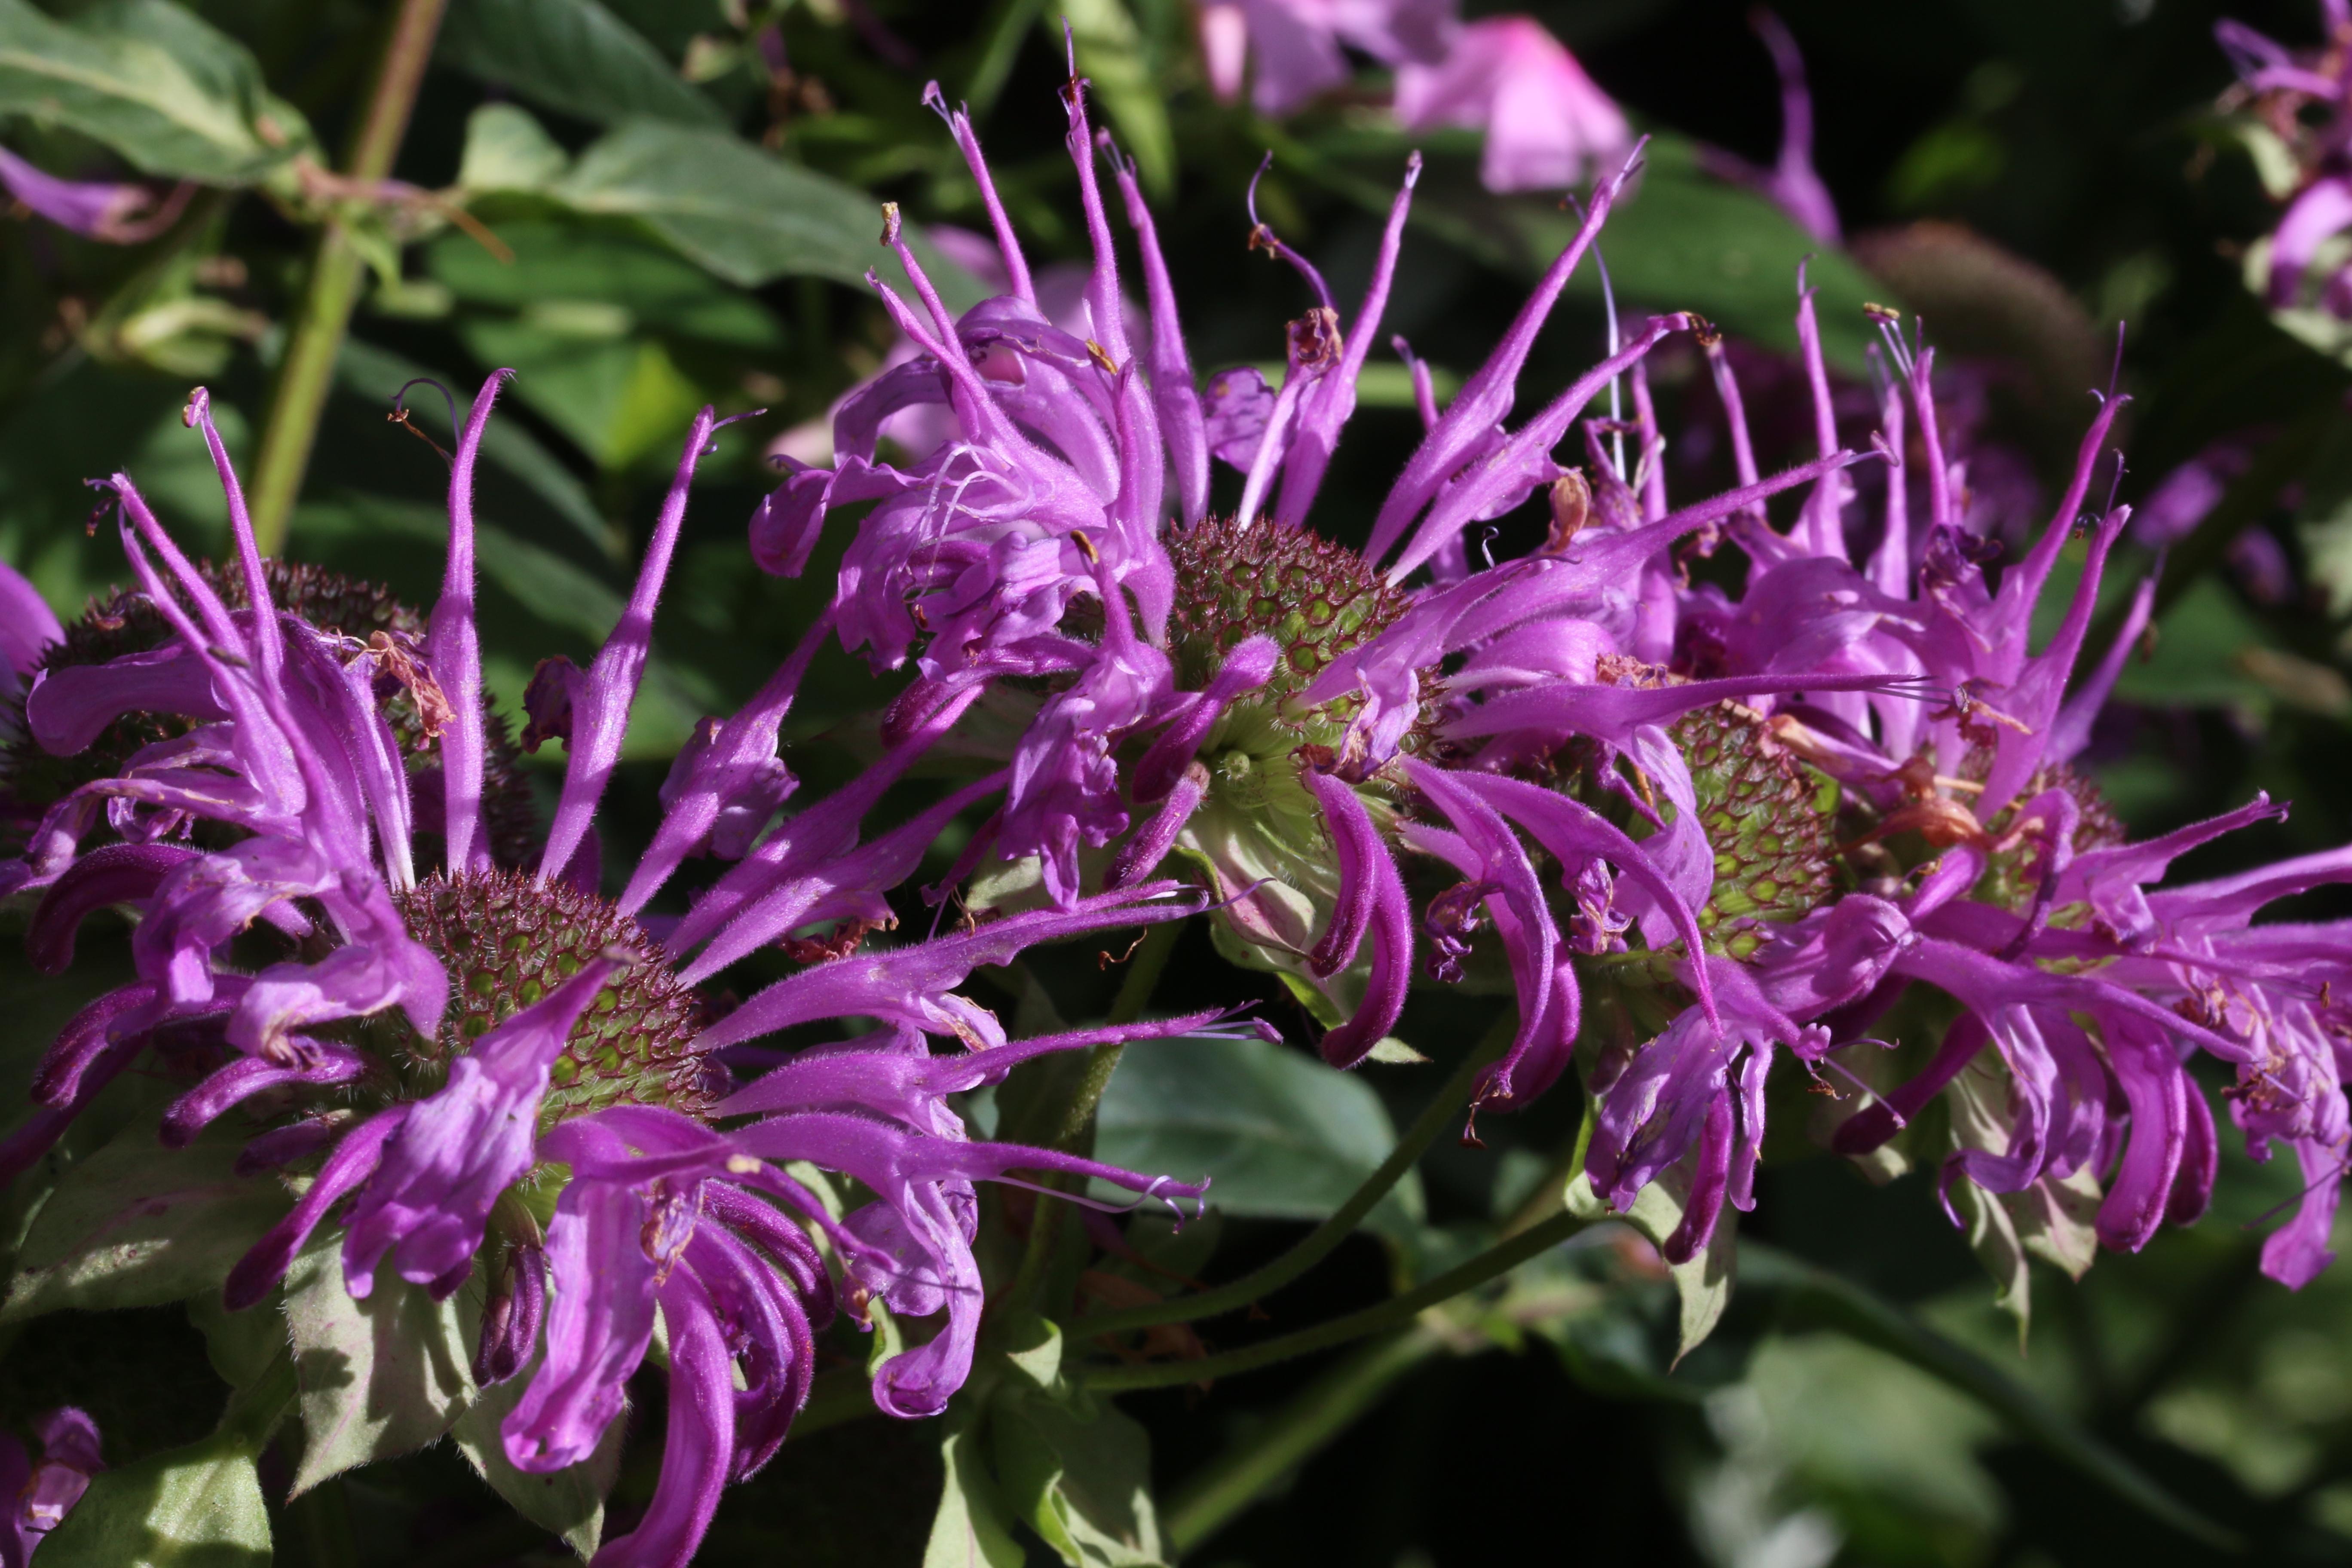 цветы бергамота картинки которая сейчас